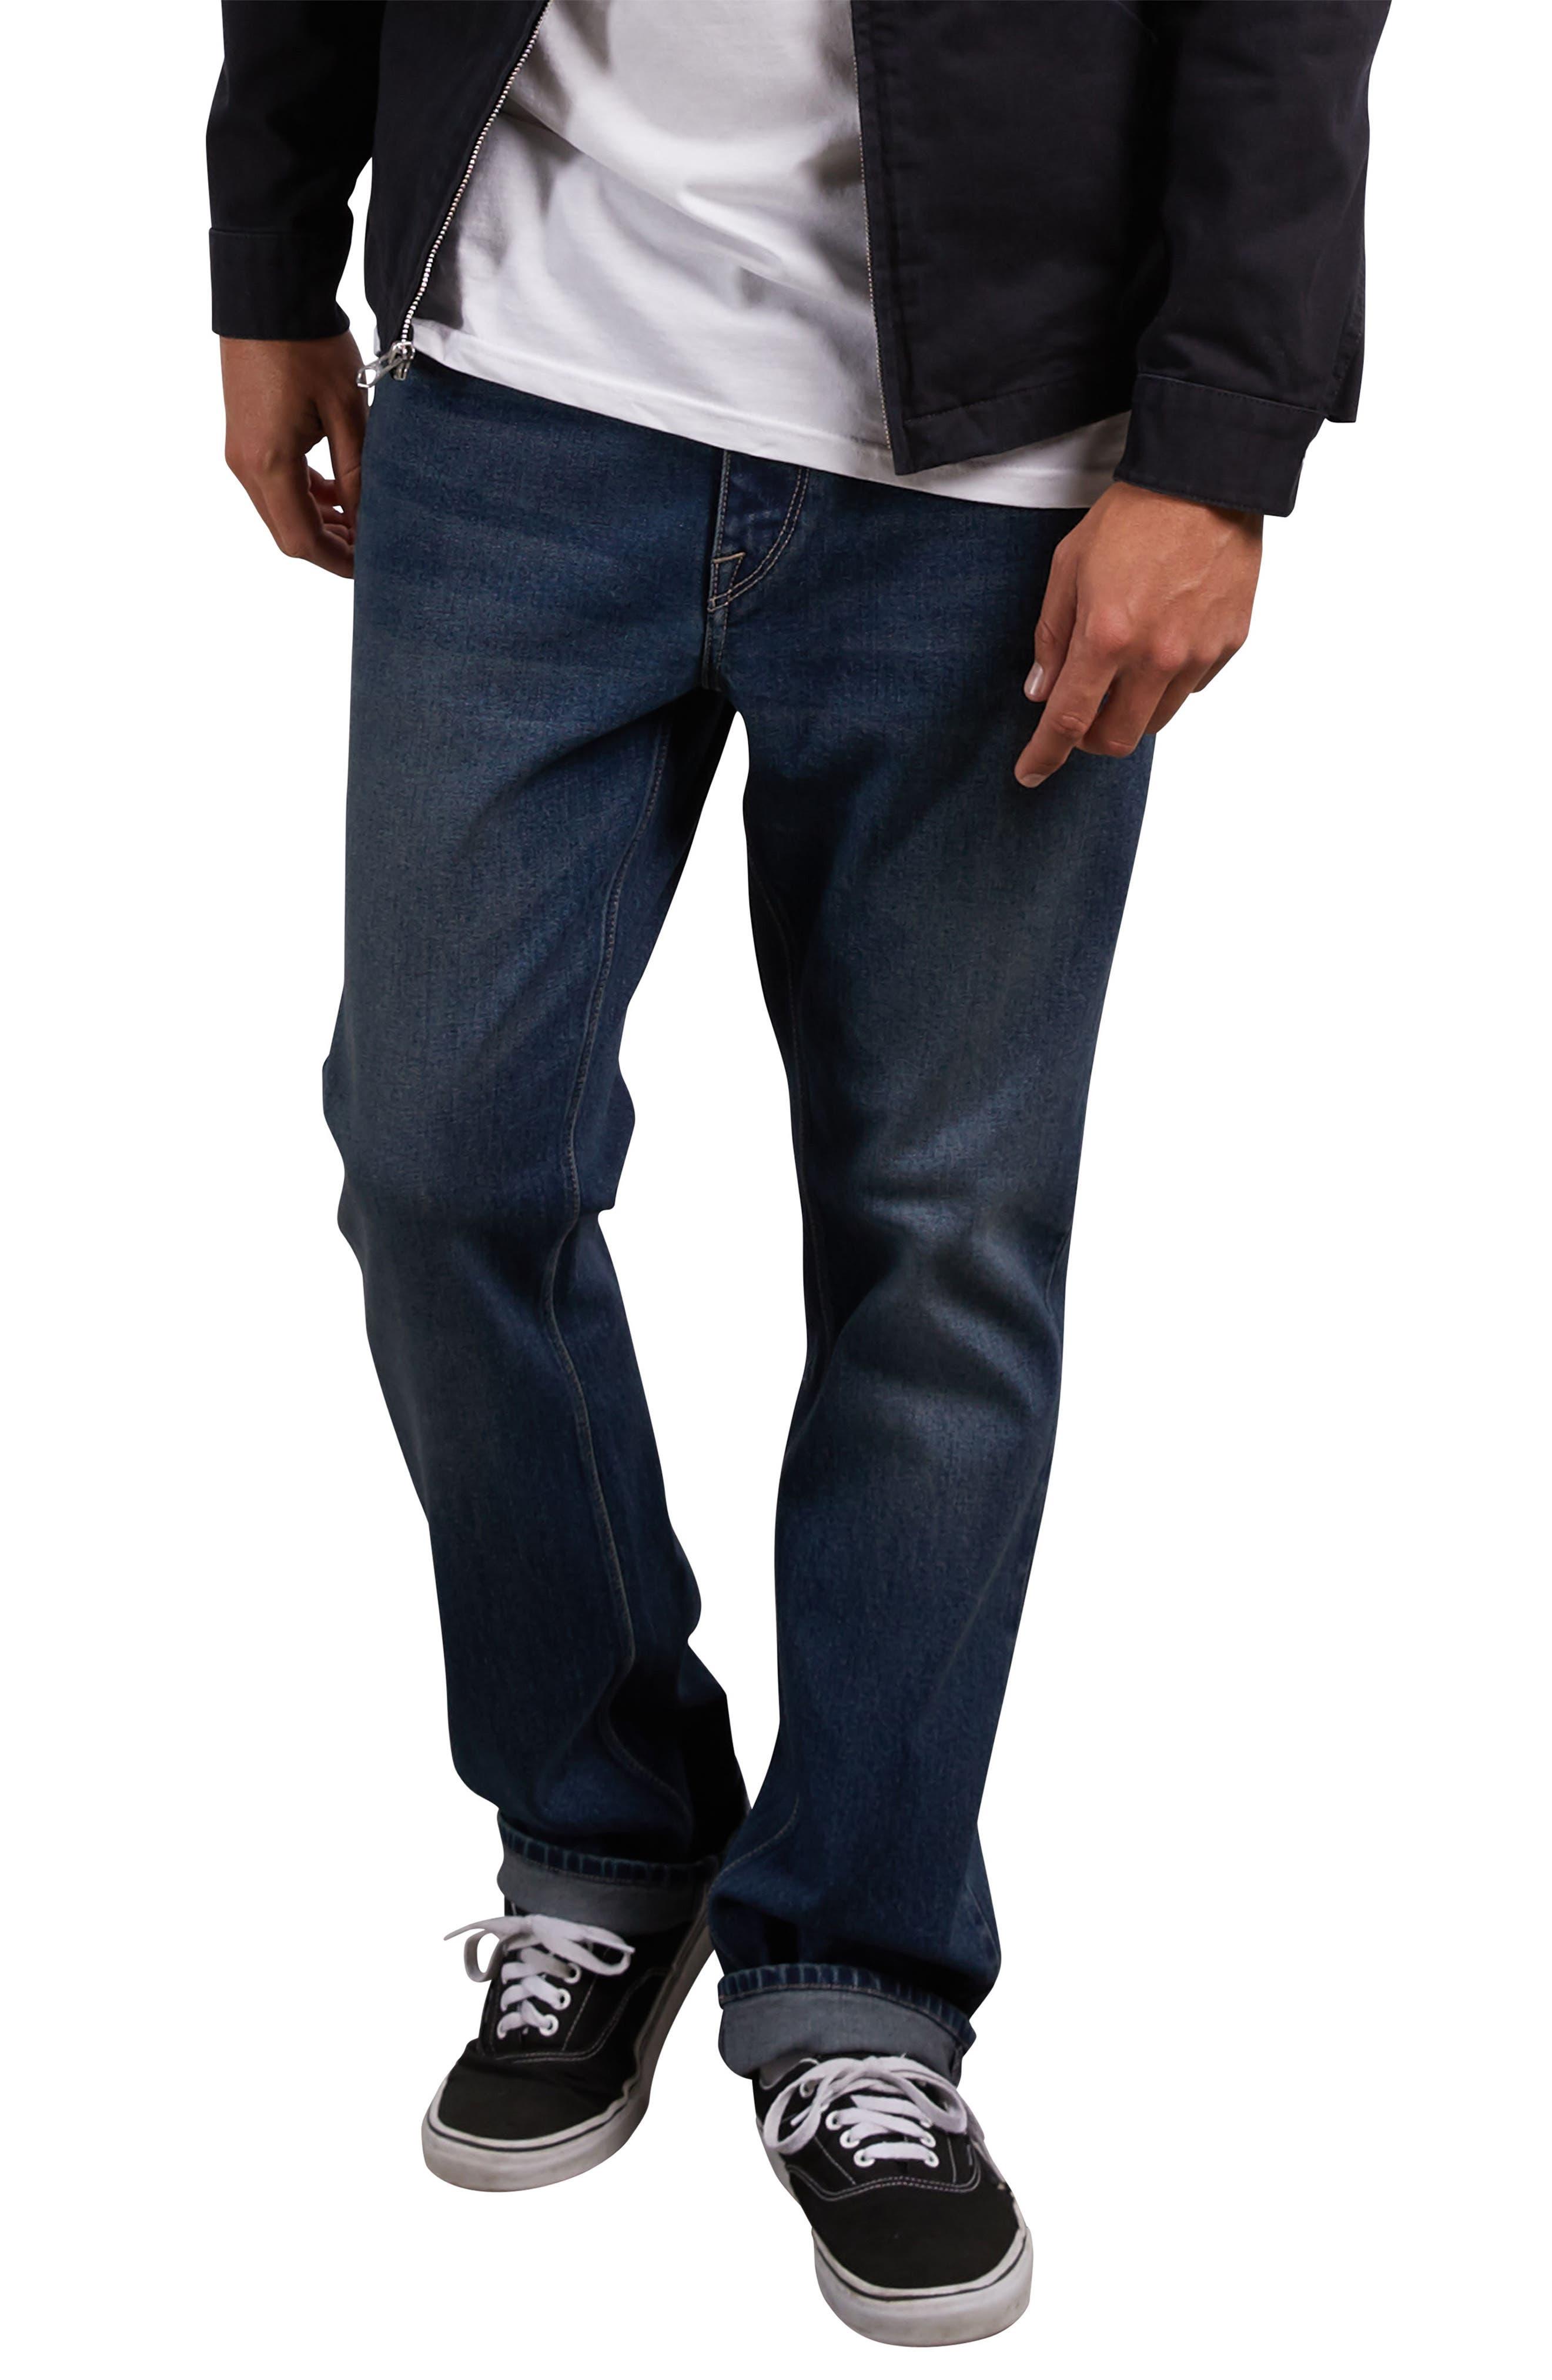 Kinkade Tapered Leg Jeans,                             Main thumbnail 1, color,                             BLUE DRY